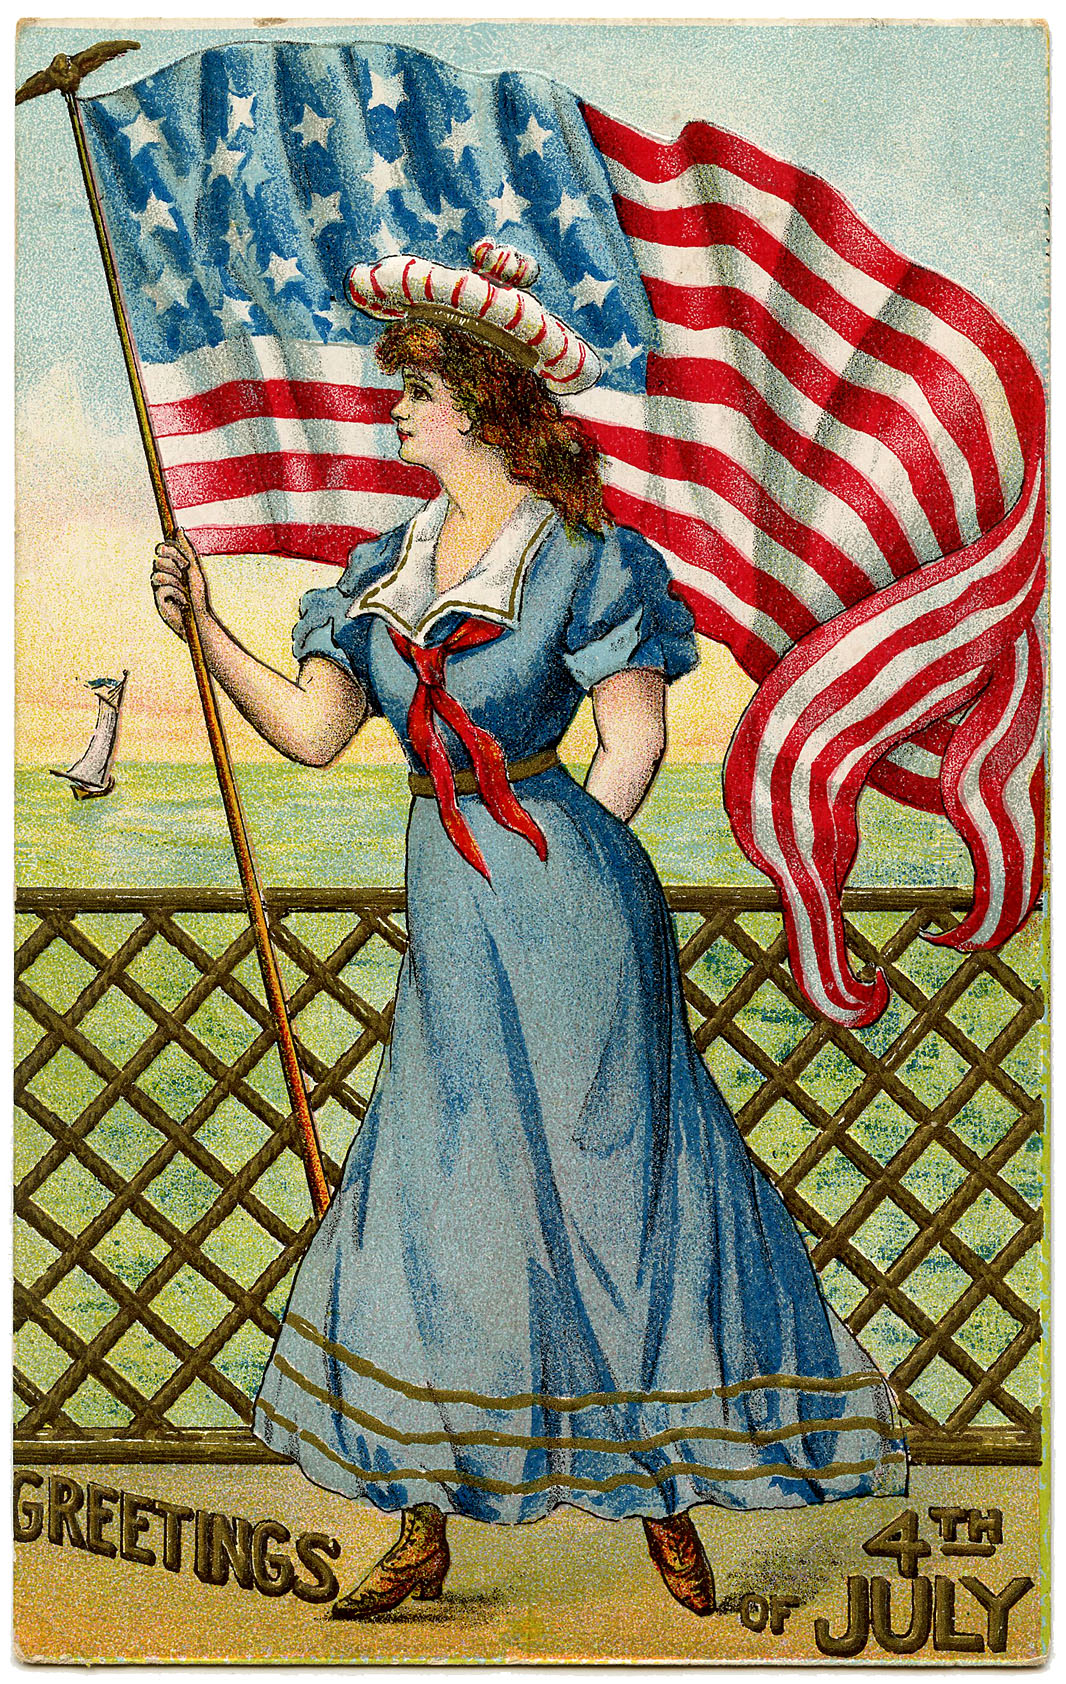 Vintage Patriotic Image.